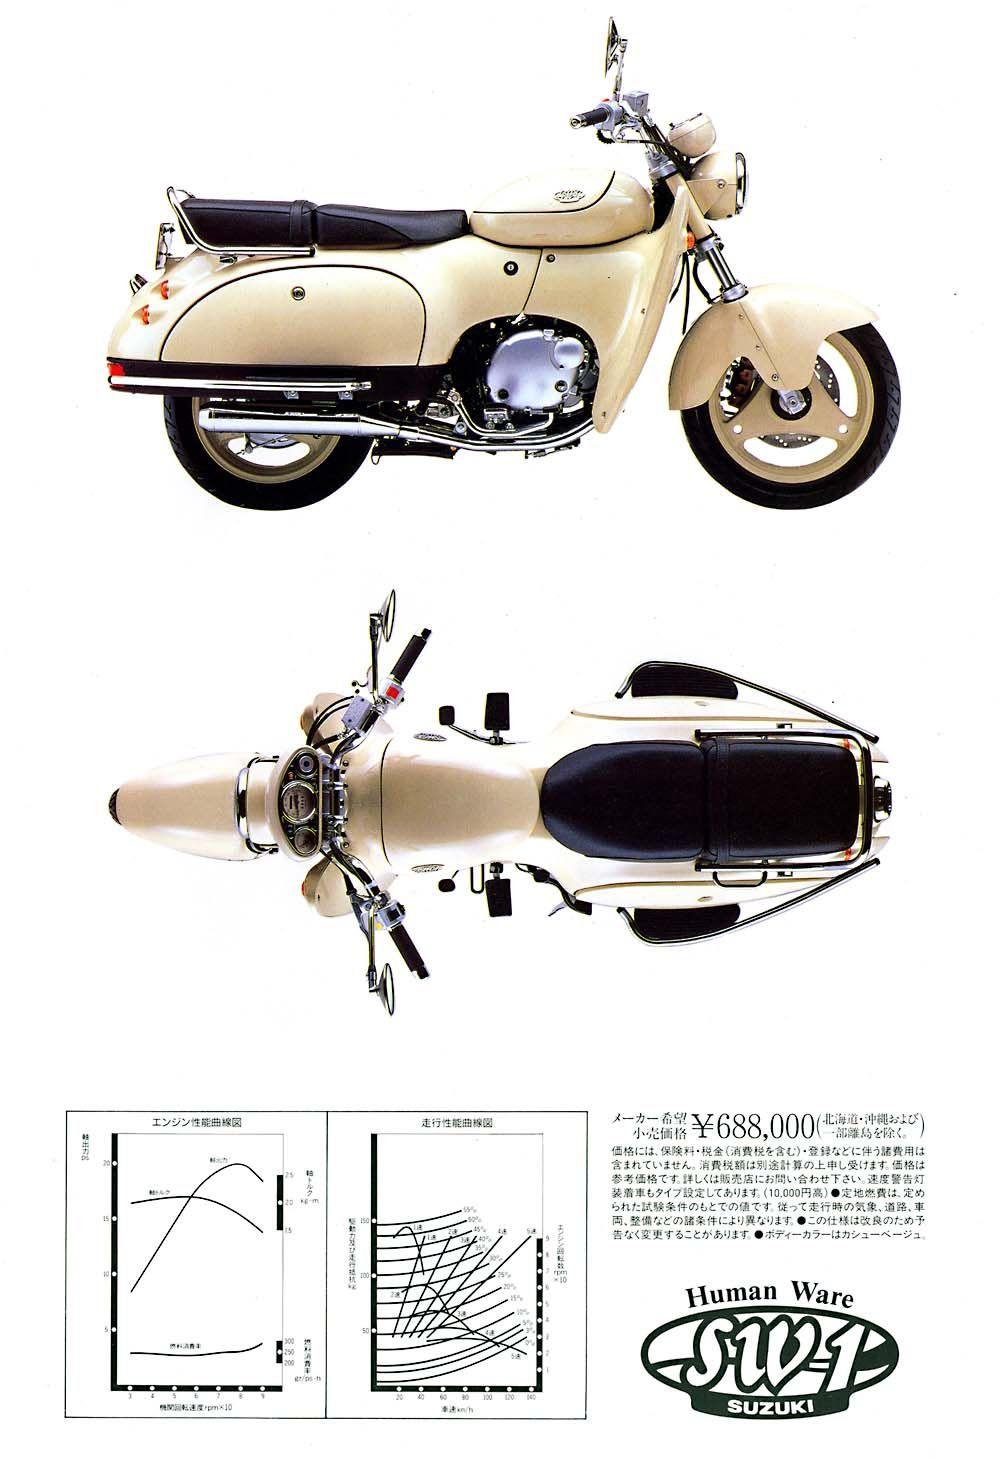 Suzuki Sw 1 Sales Brochure Scans Suzuki Suzuki Motorcycle Motor Scooters